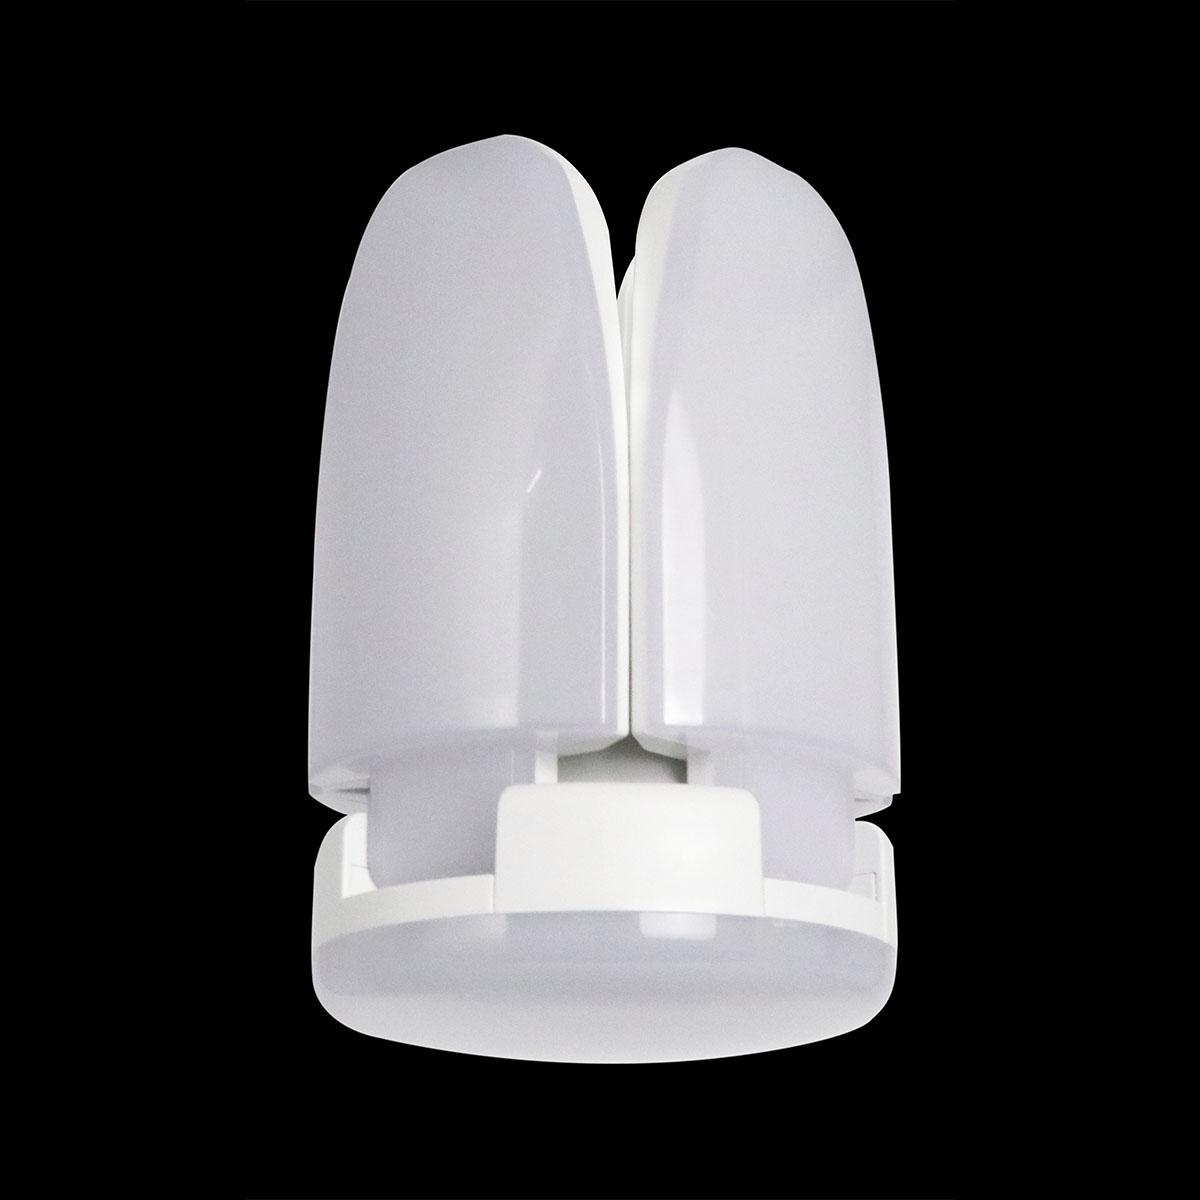 Светодиодный светильник для гаража 60W E27/E26 Универсальный 85-265V 5500LM Потолочный светильник Энергосберегающий Регу - фото 5